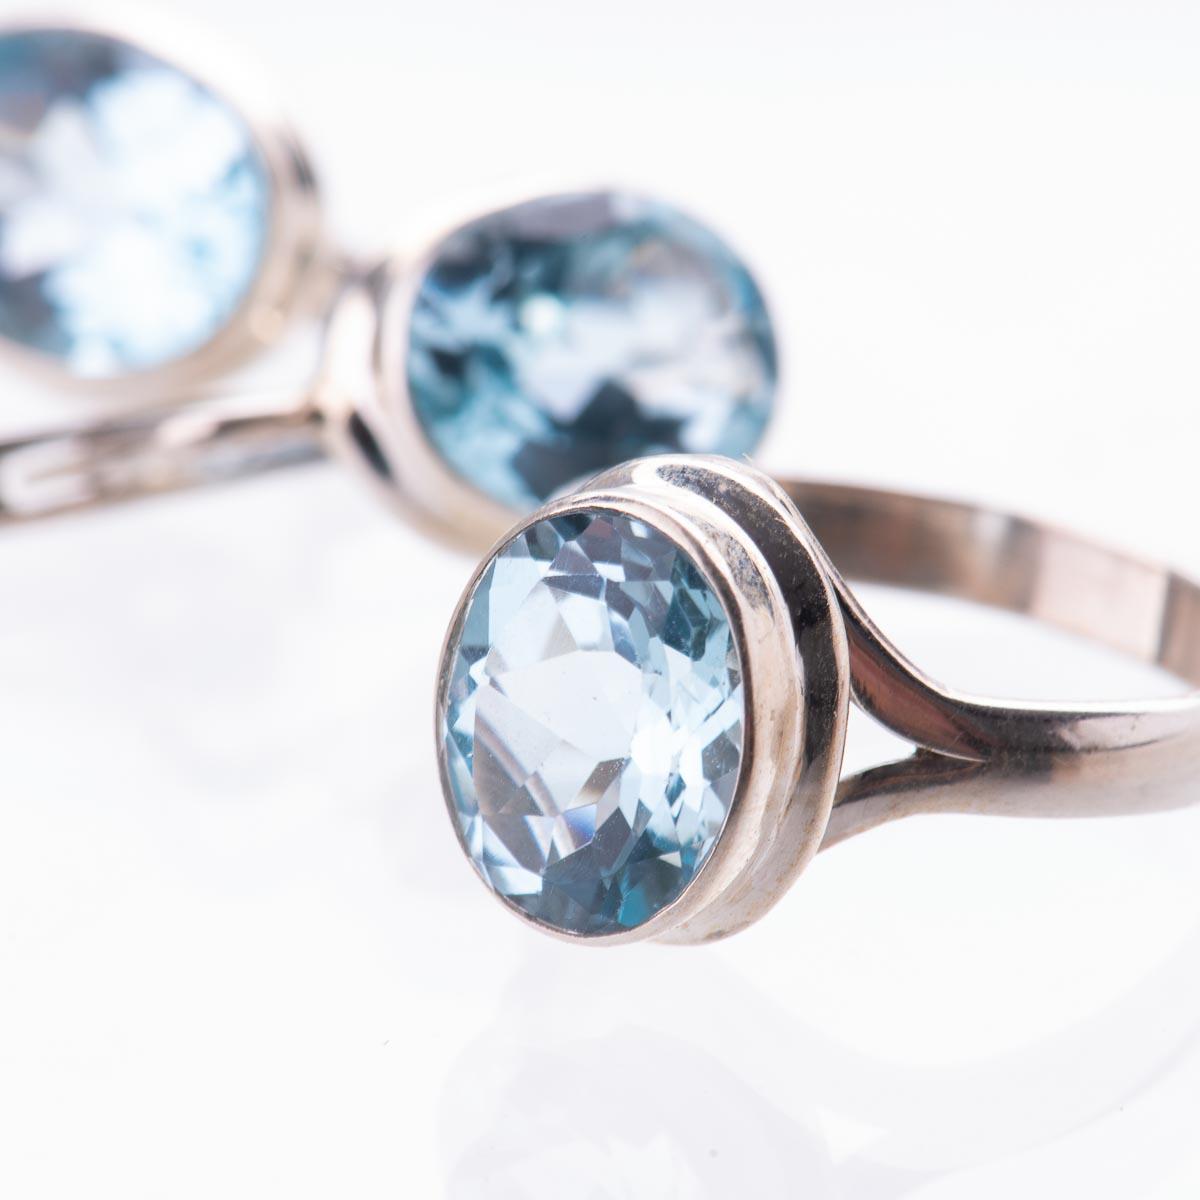 Комплект украшений с голубым топазом из серебра